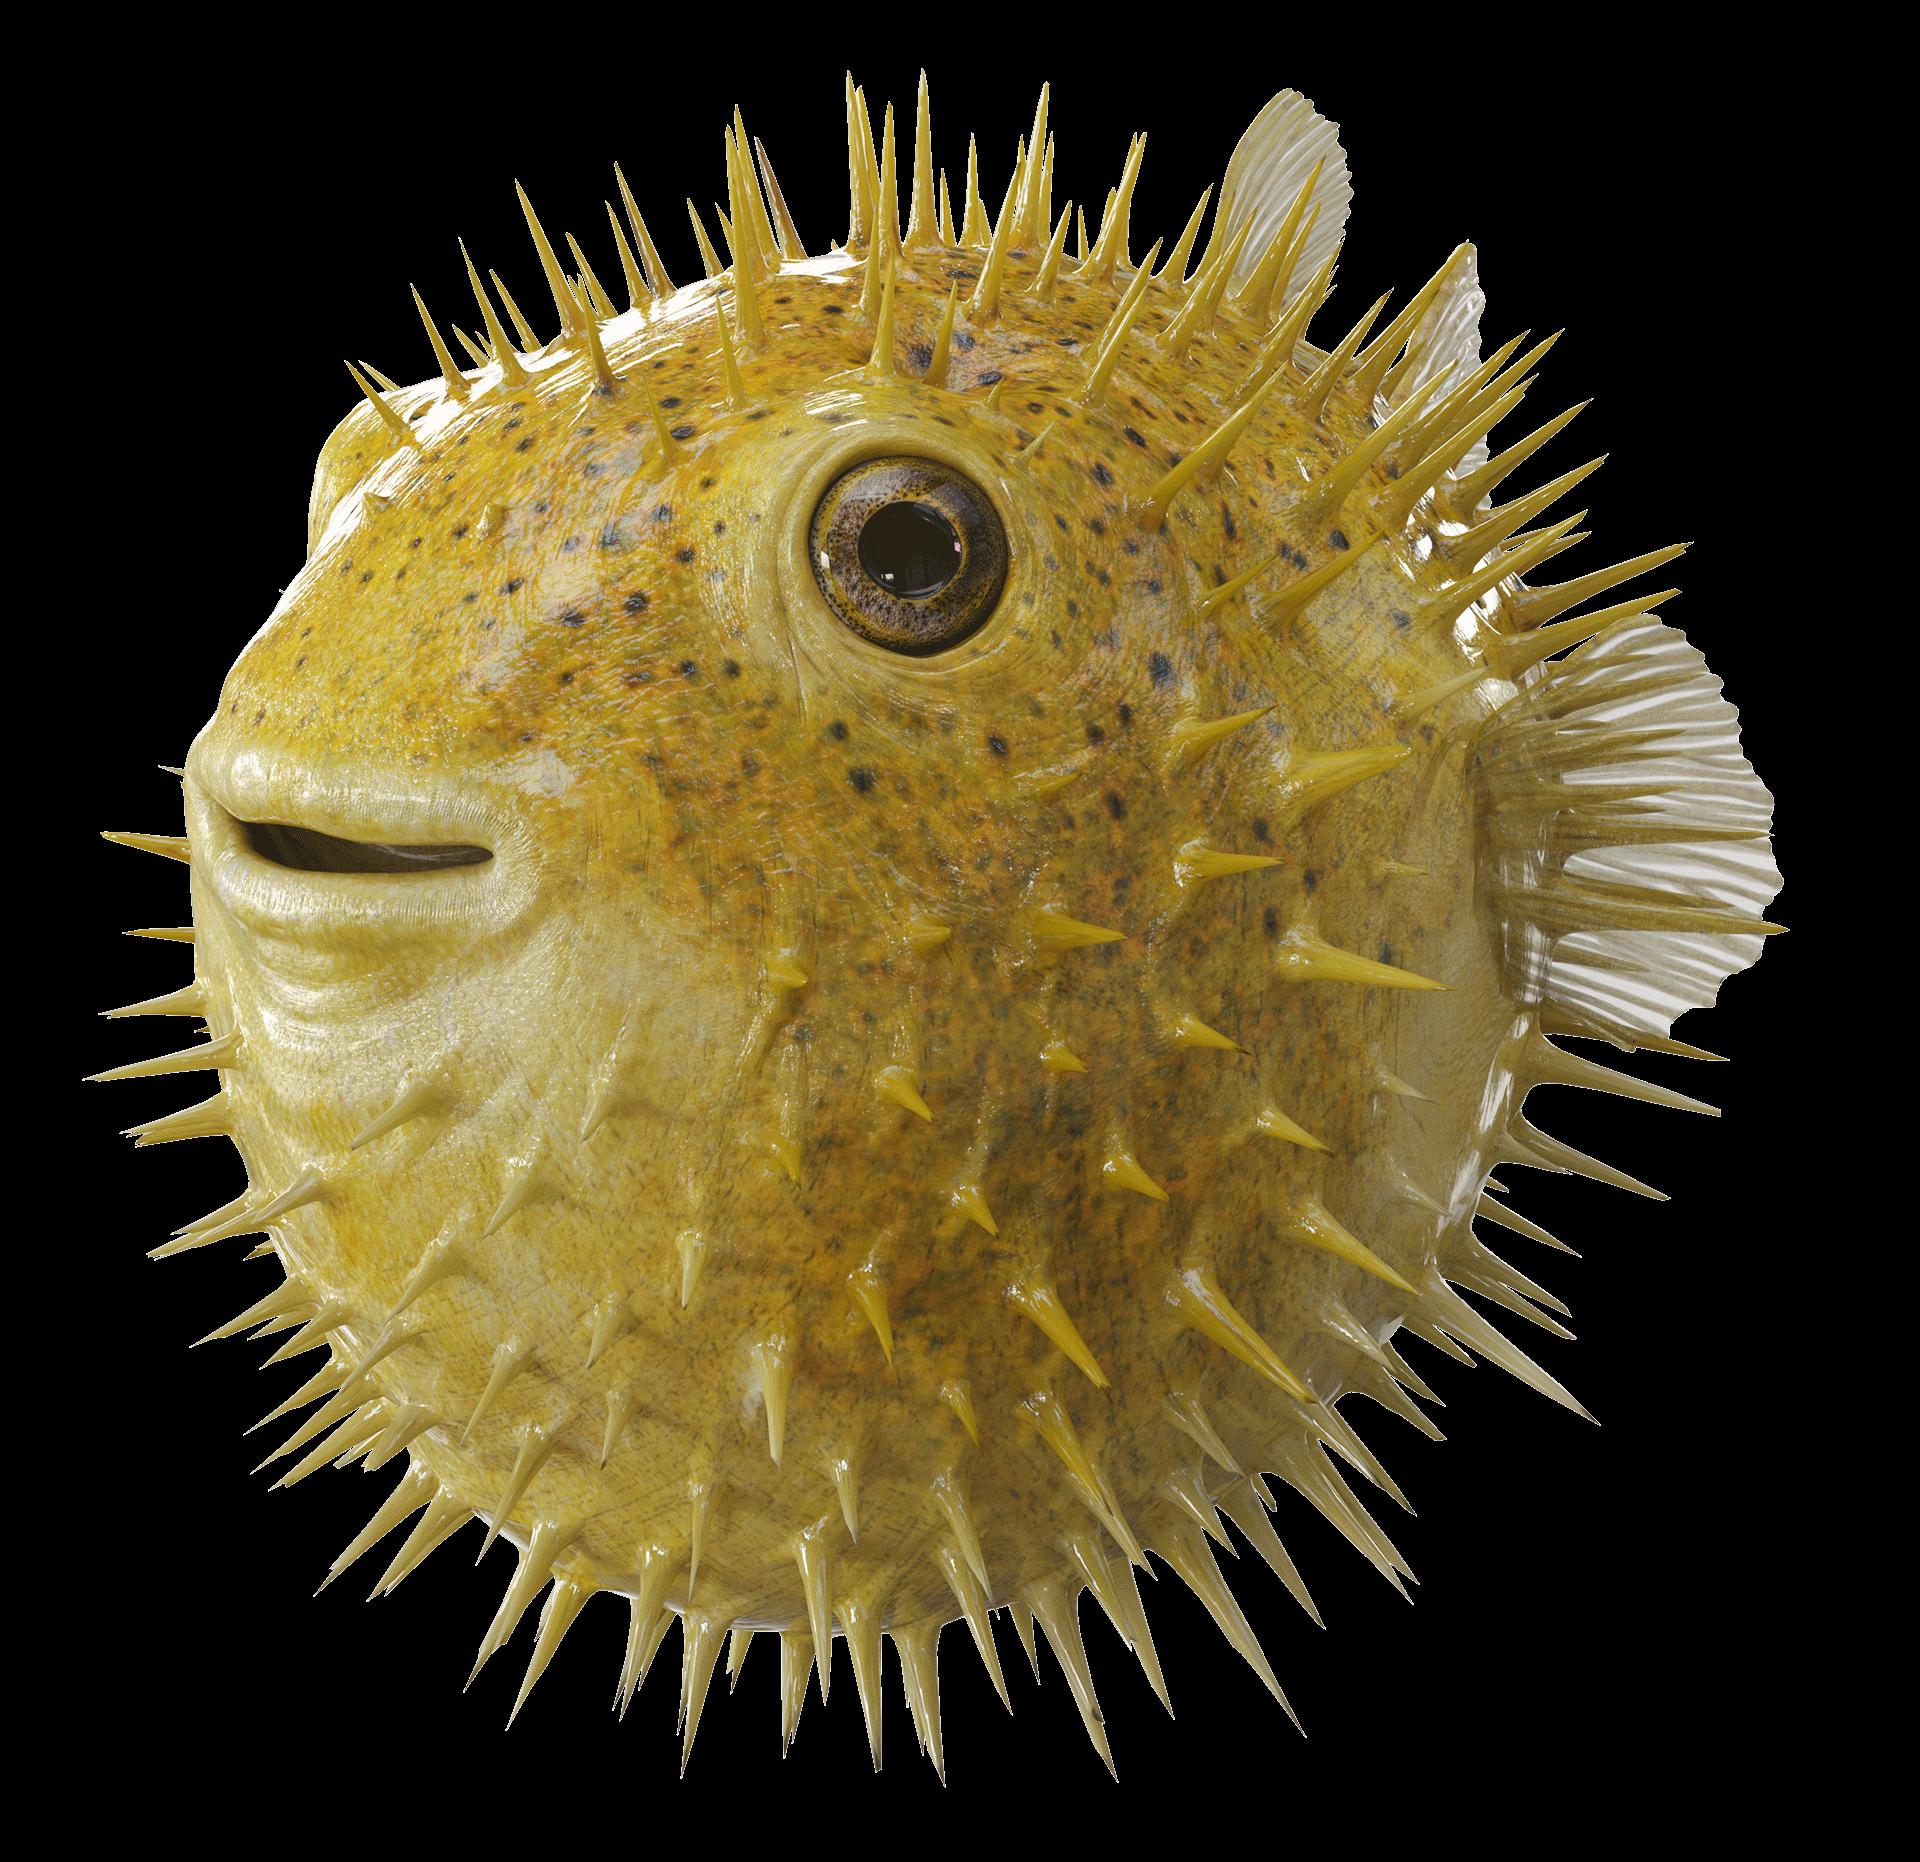 Rur Postproduction Raiffeisen Bank Puffer Fish